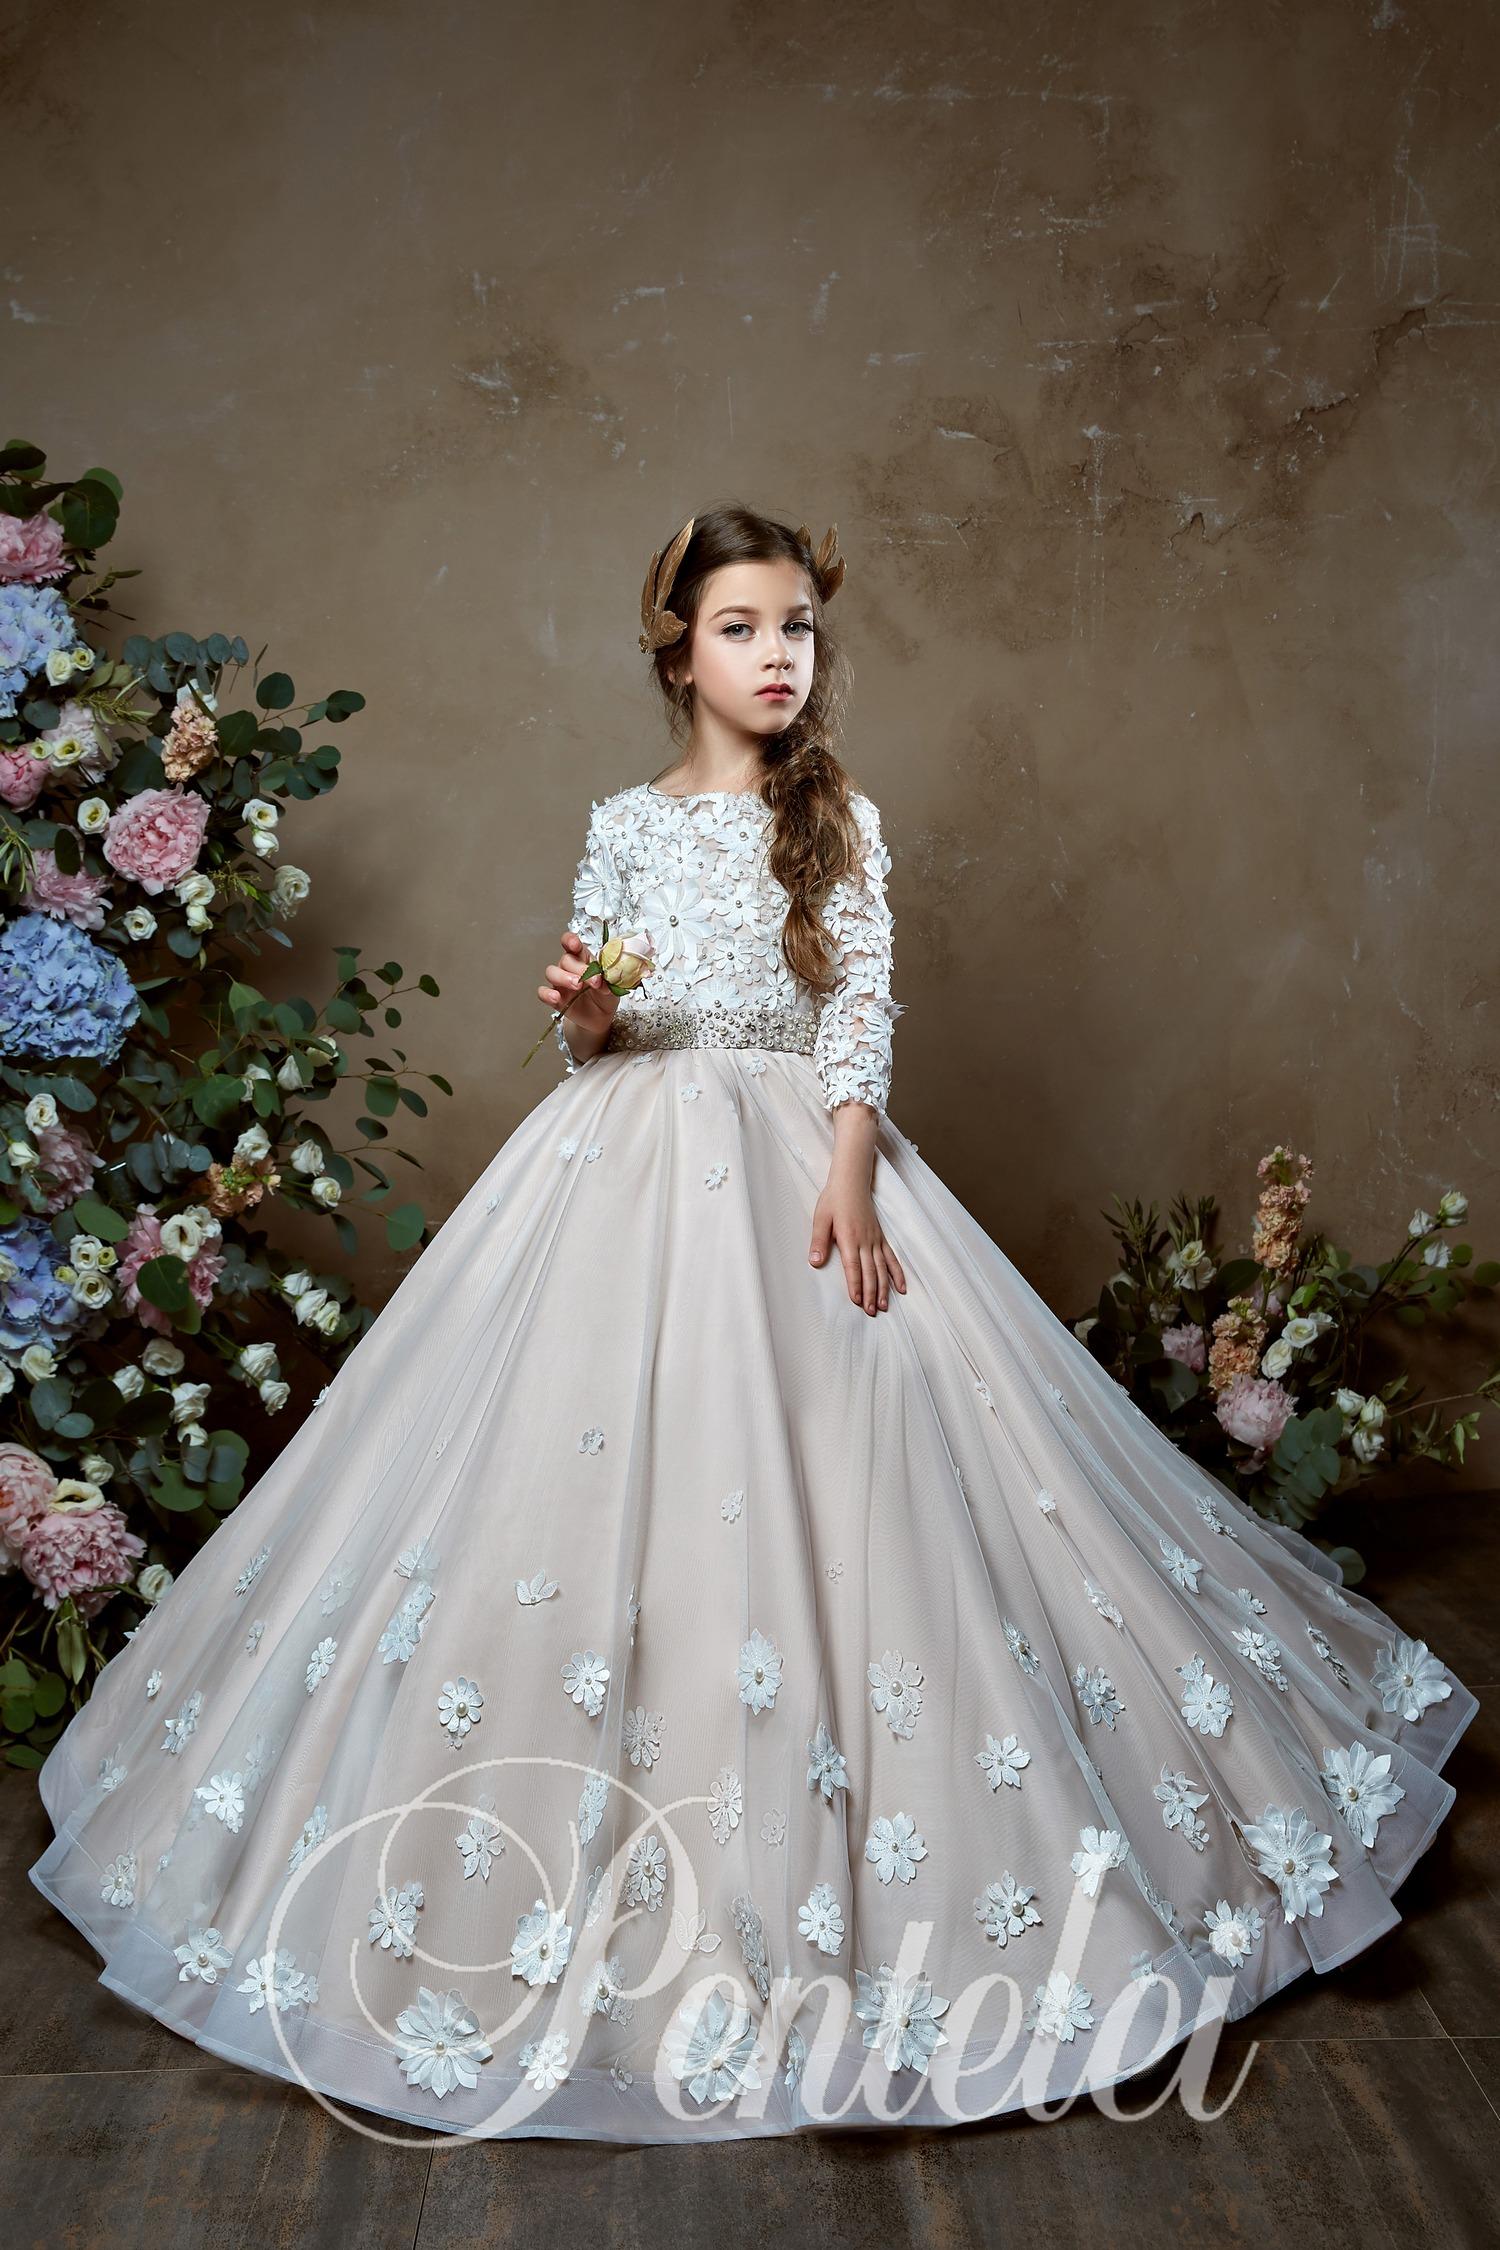 Пышное детское платье от производителя оптом